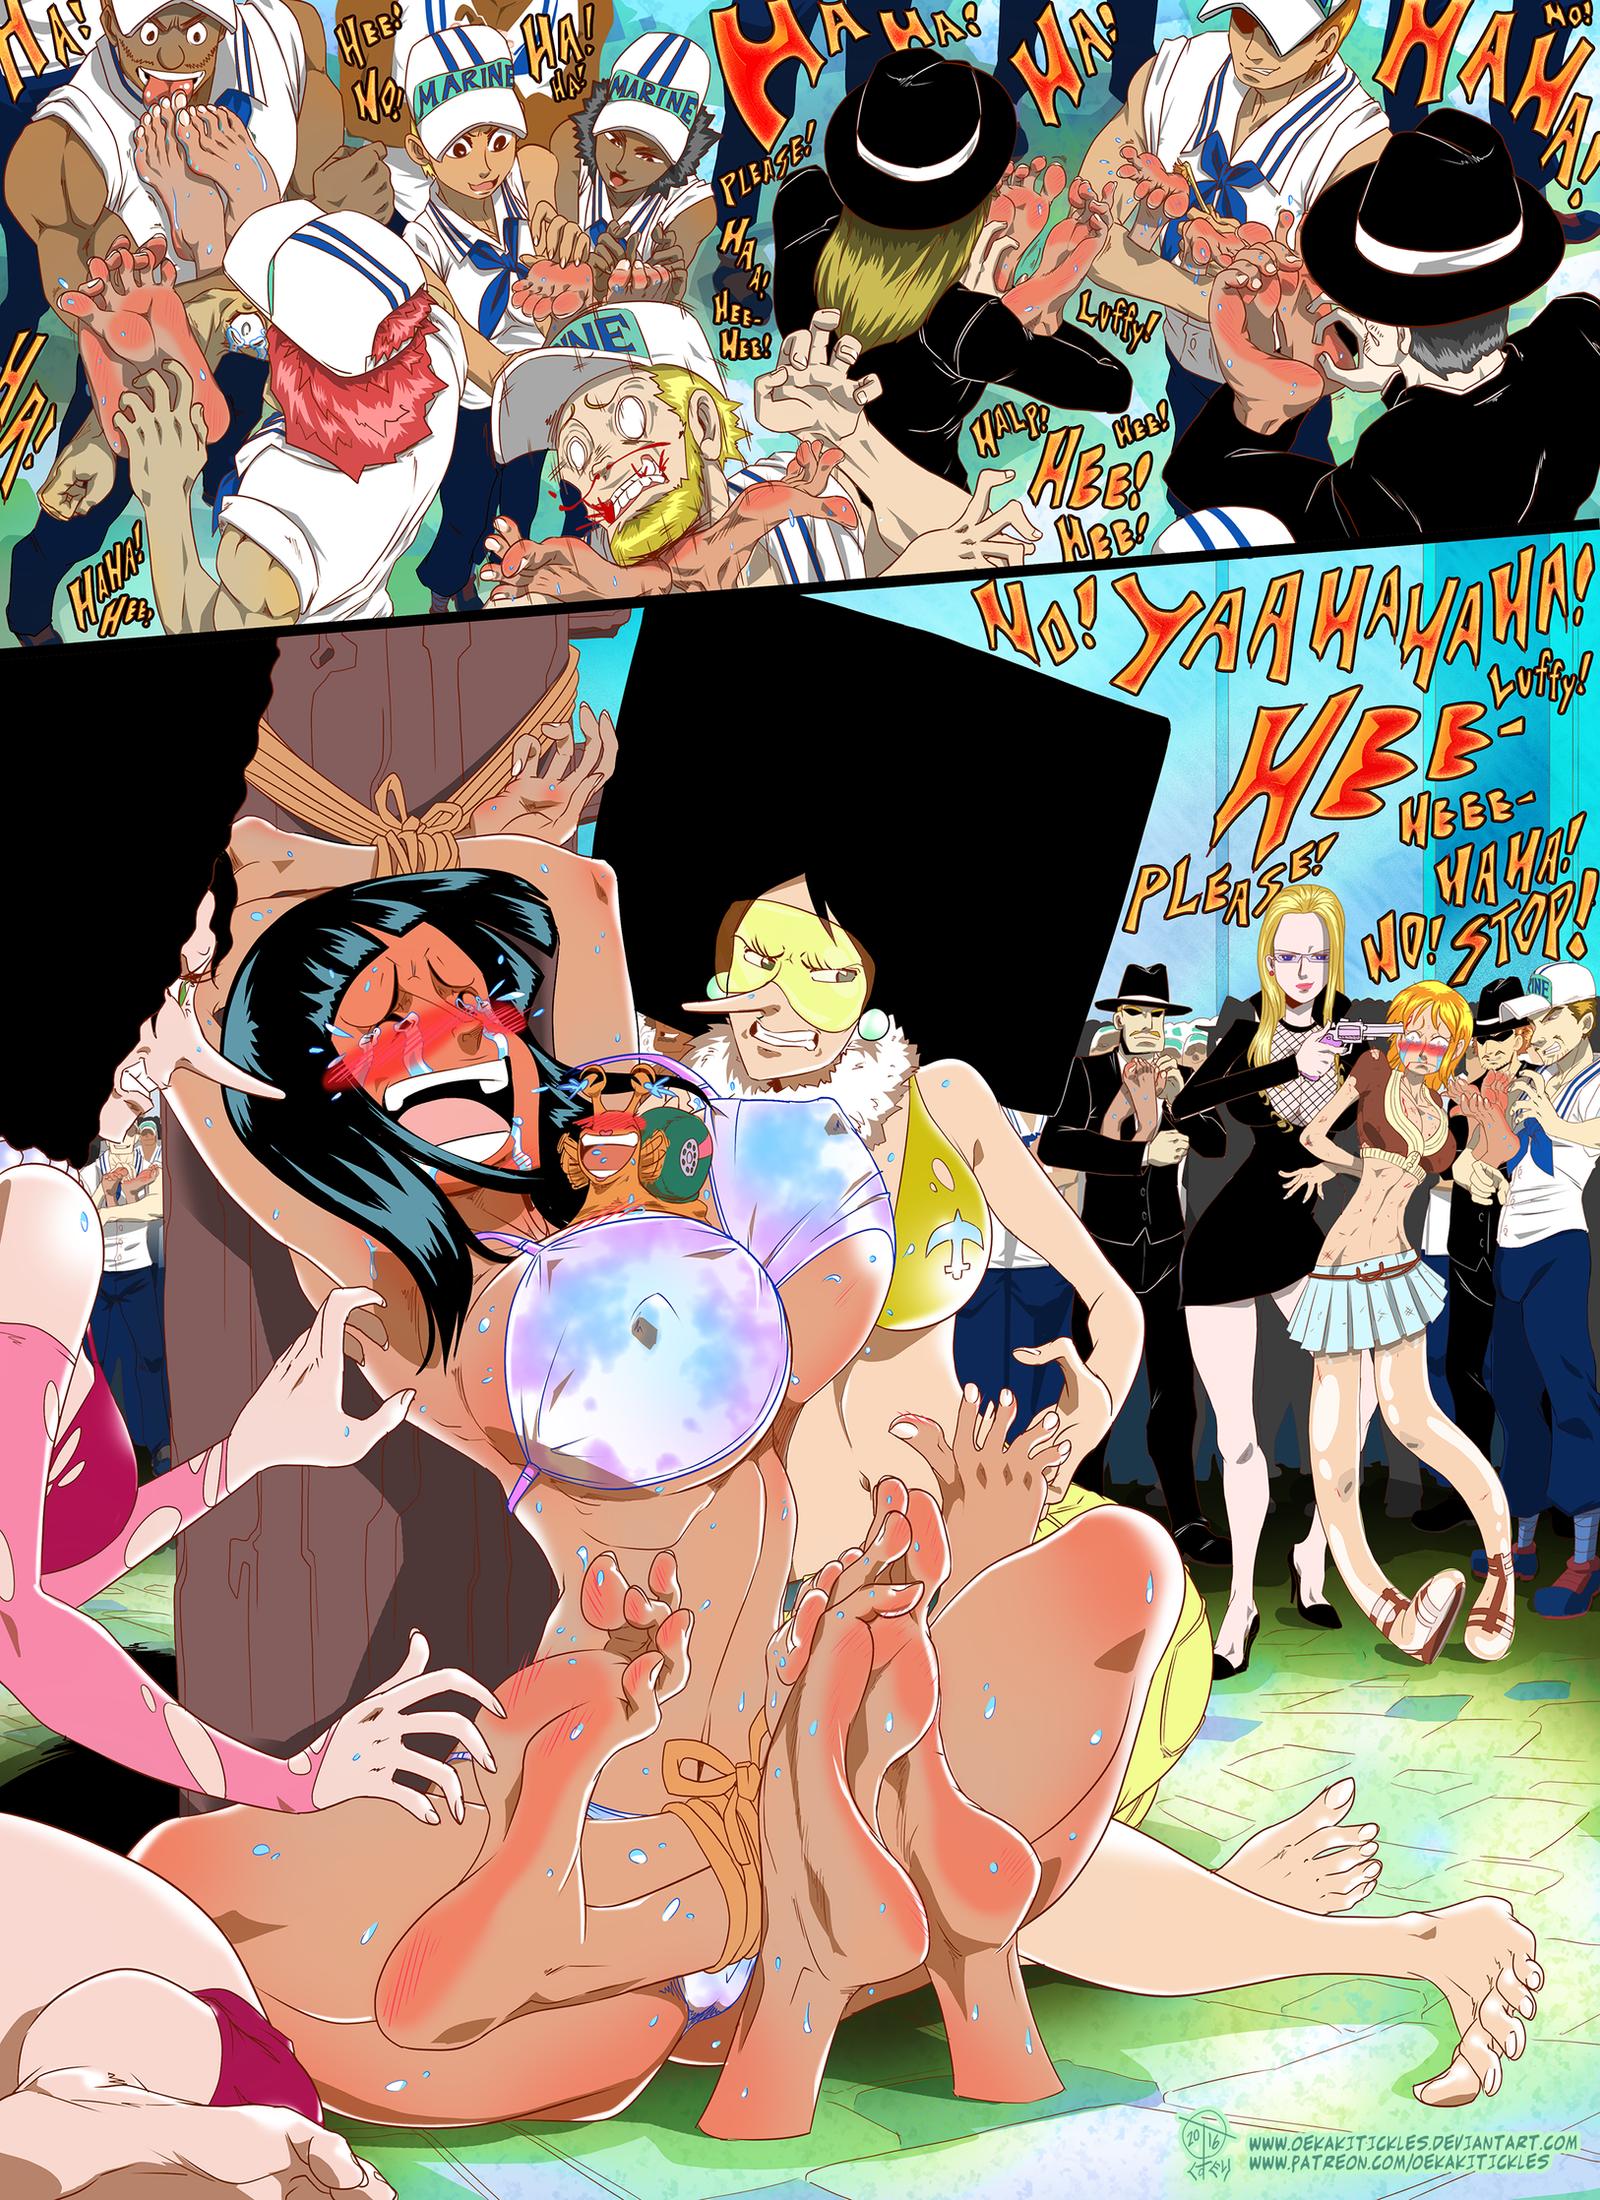 Anime Naked Tickle  Hot Girl Hd Wallpaper-9236